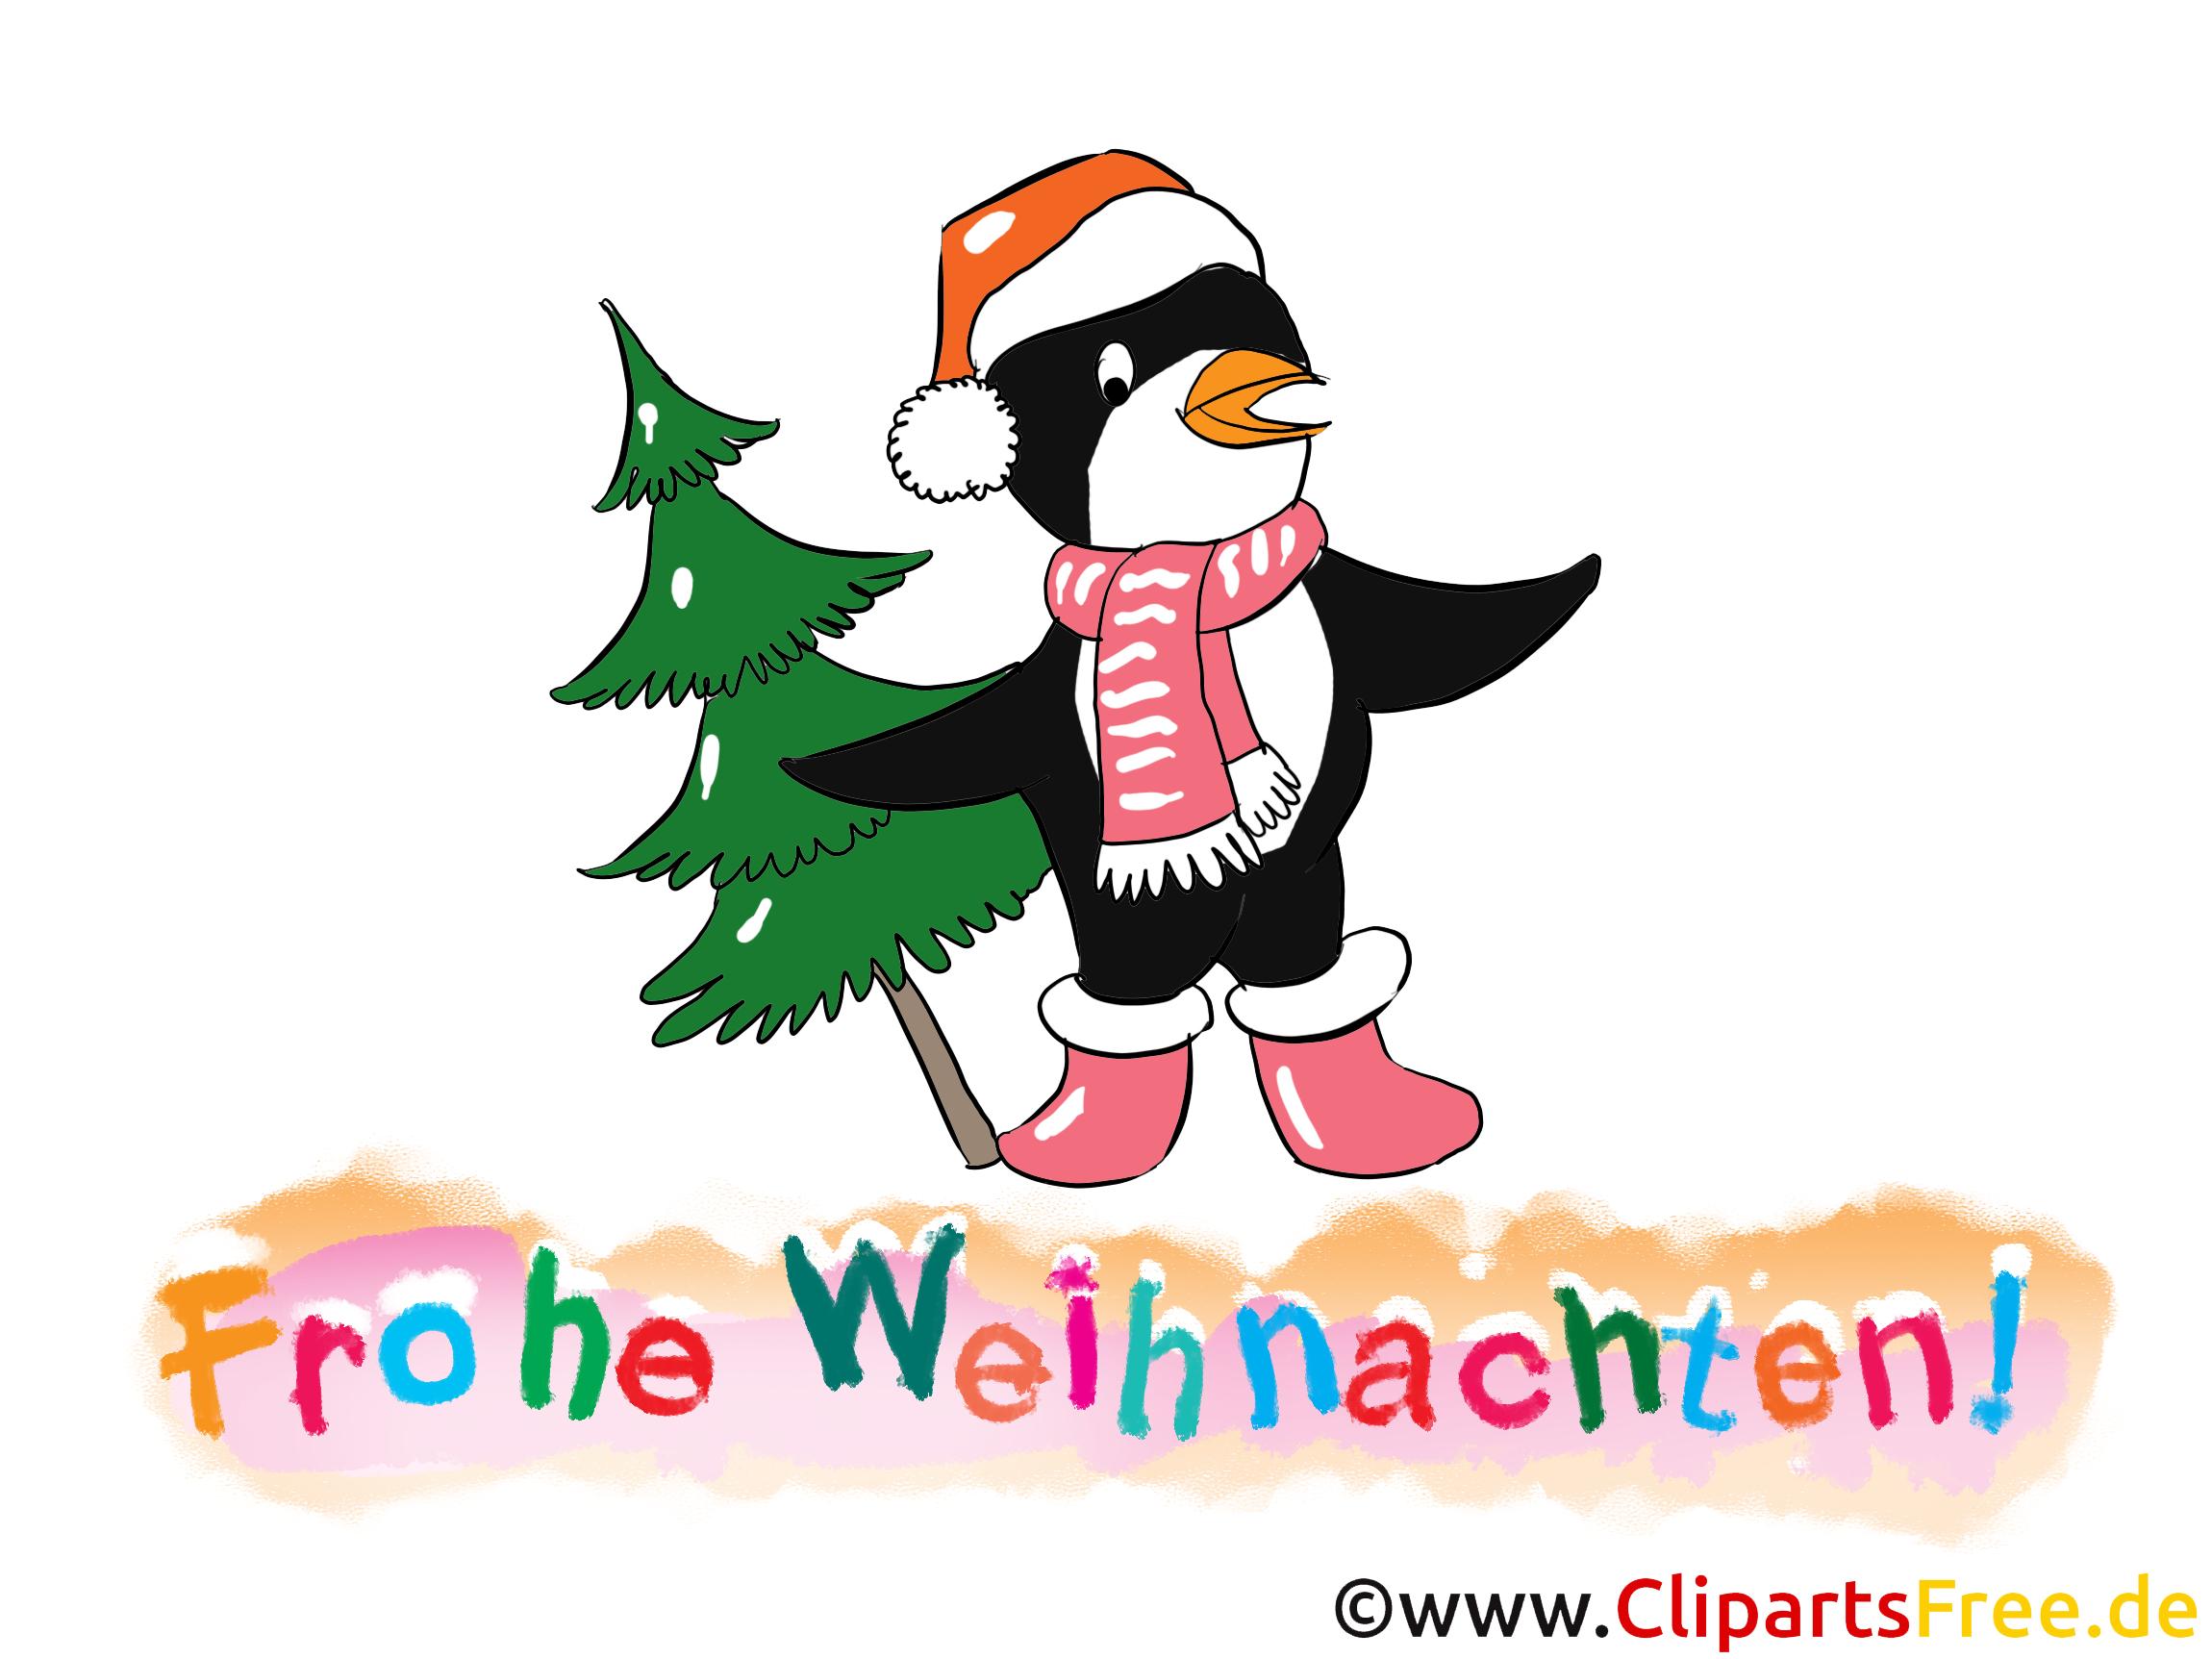 Weihnachtsbilder Kostenlos Download für Kostenlos Weihnachtsbilder Runterladen